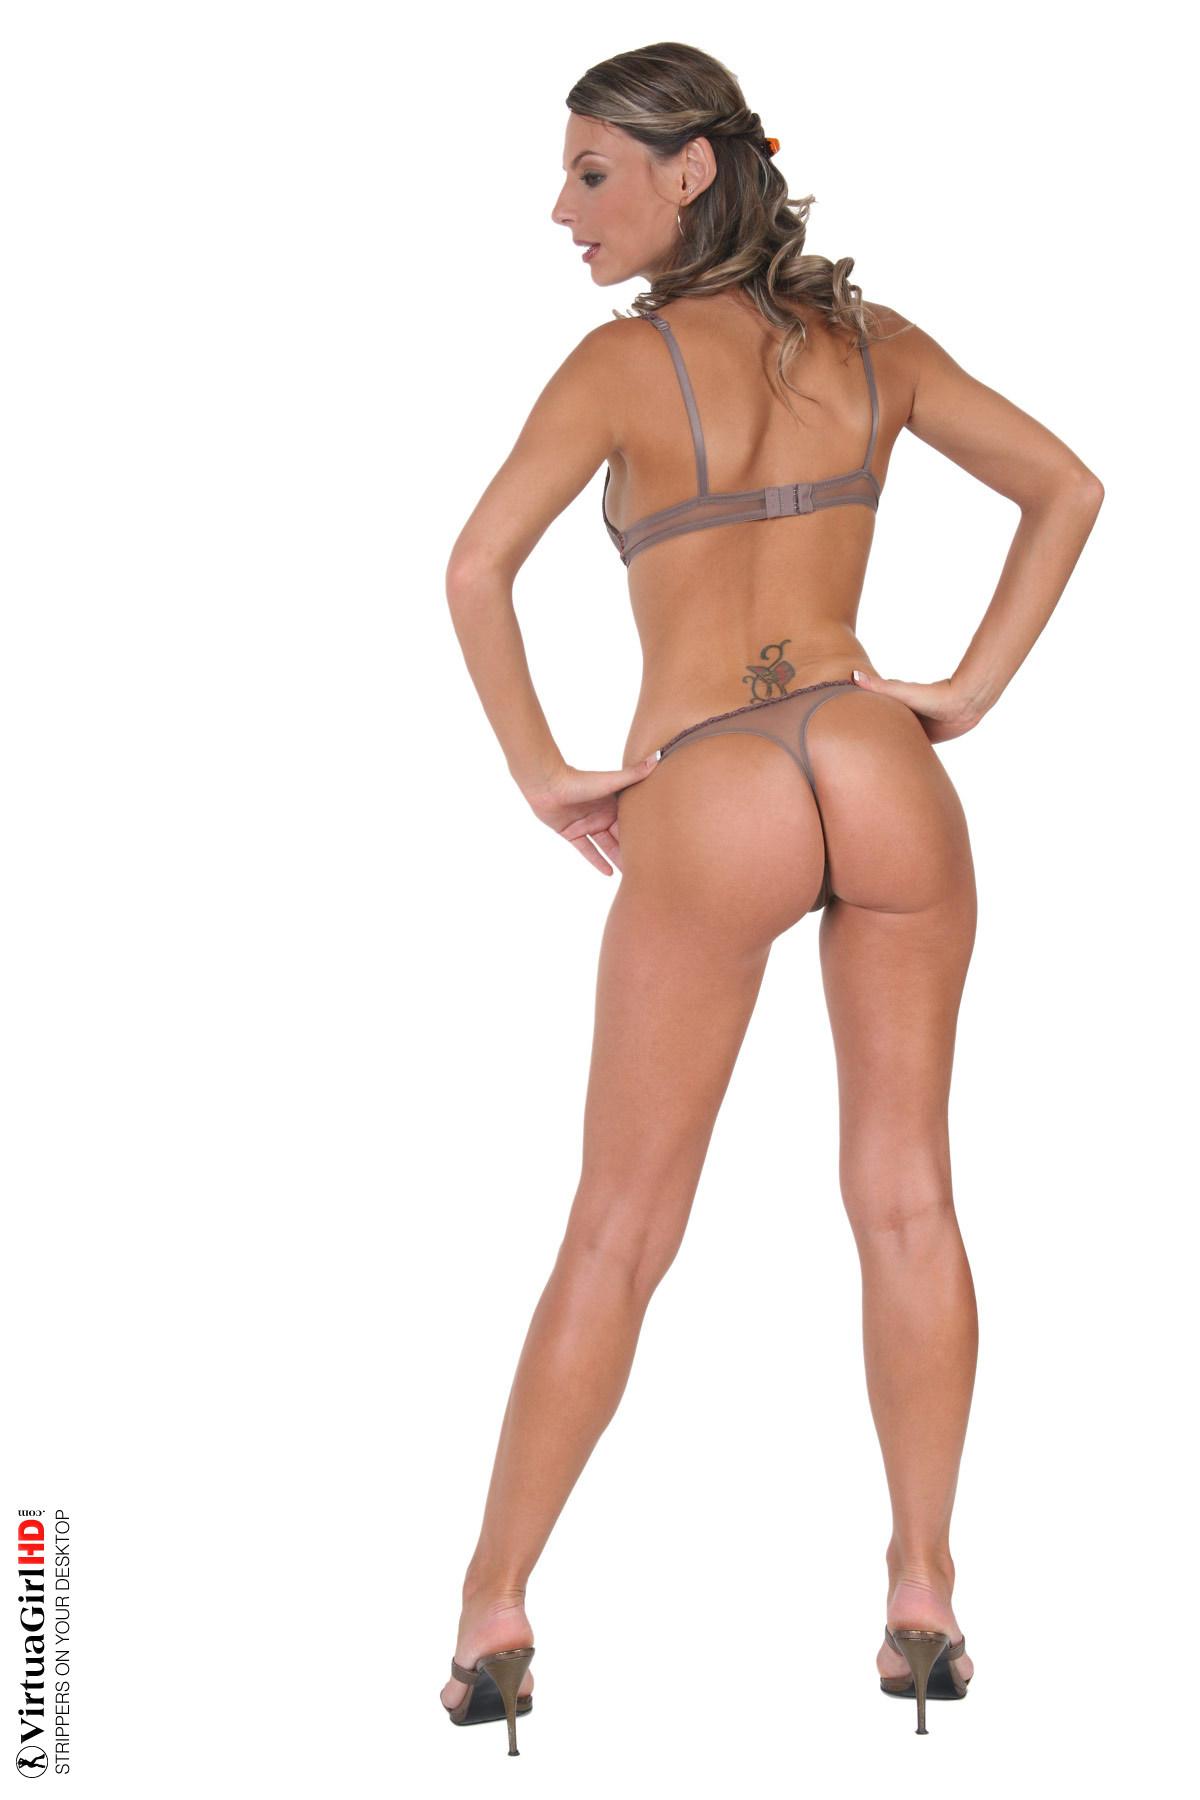 li moon stripper undressing on your desktop